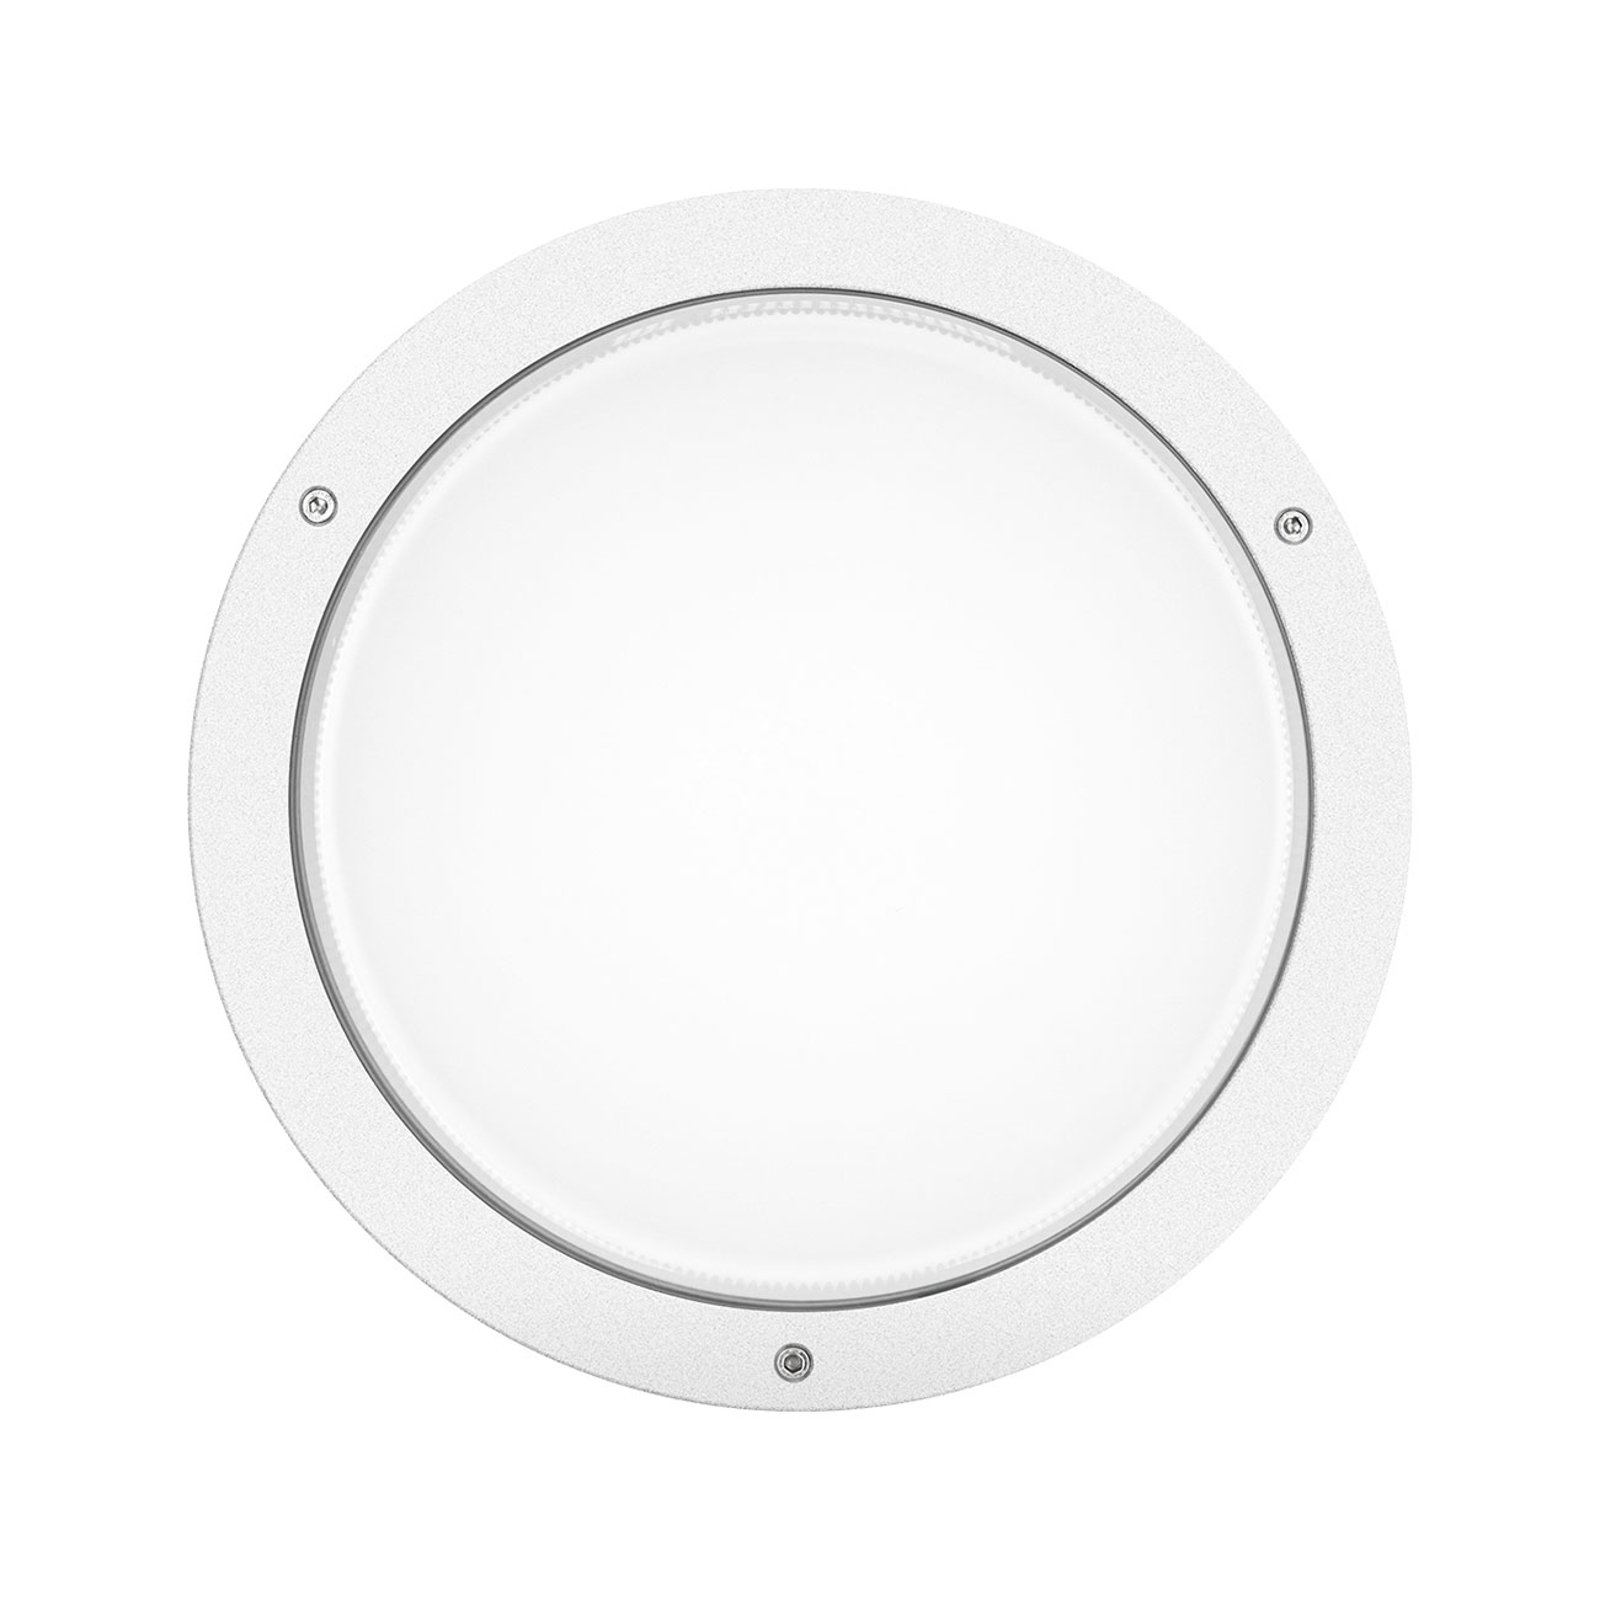 LED-vegglampe Bliz Round 30 3 000 K, hvit dimbar